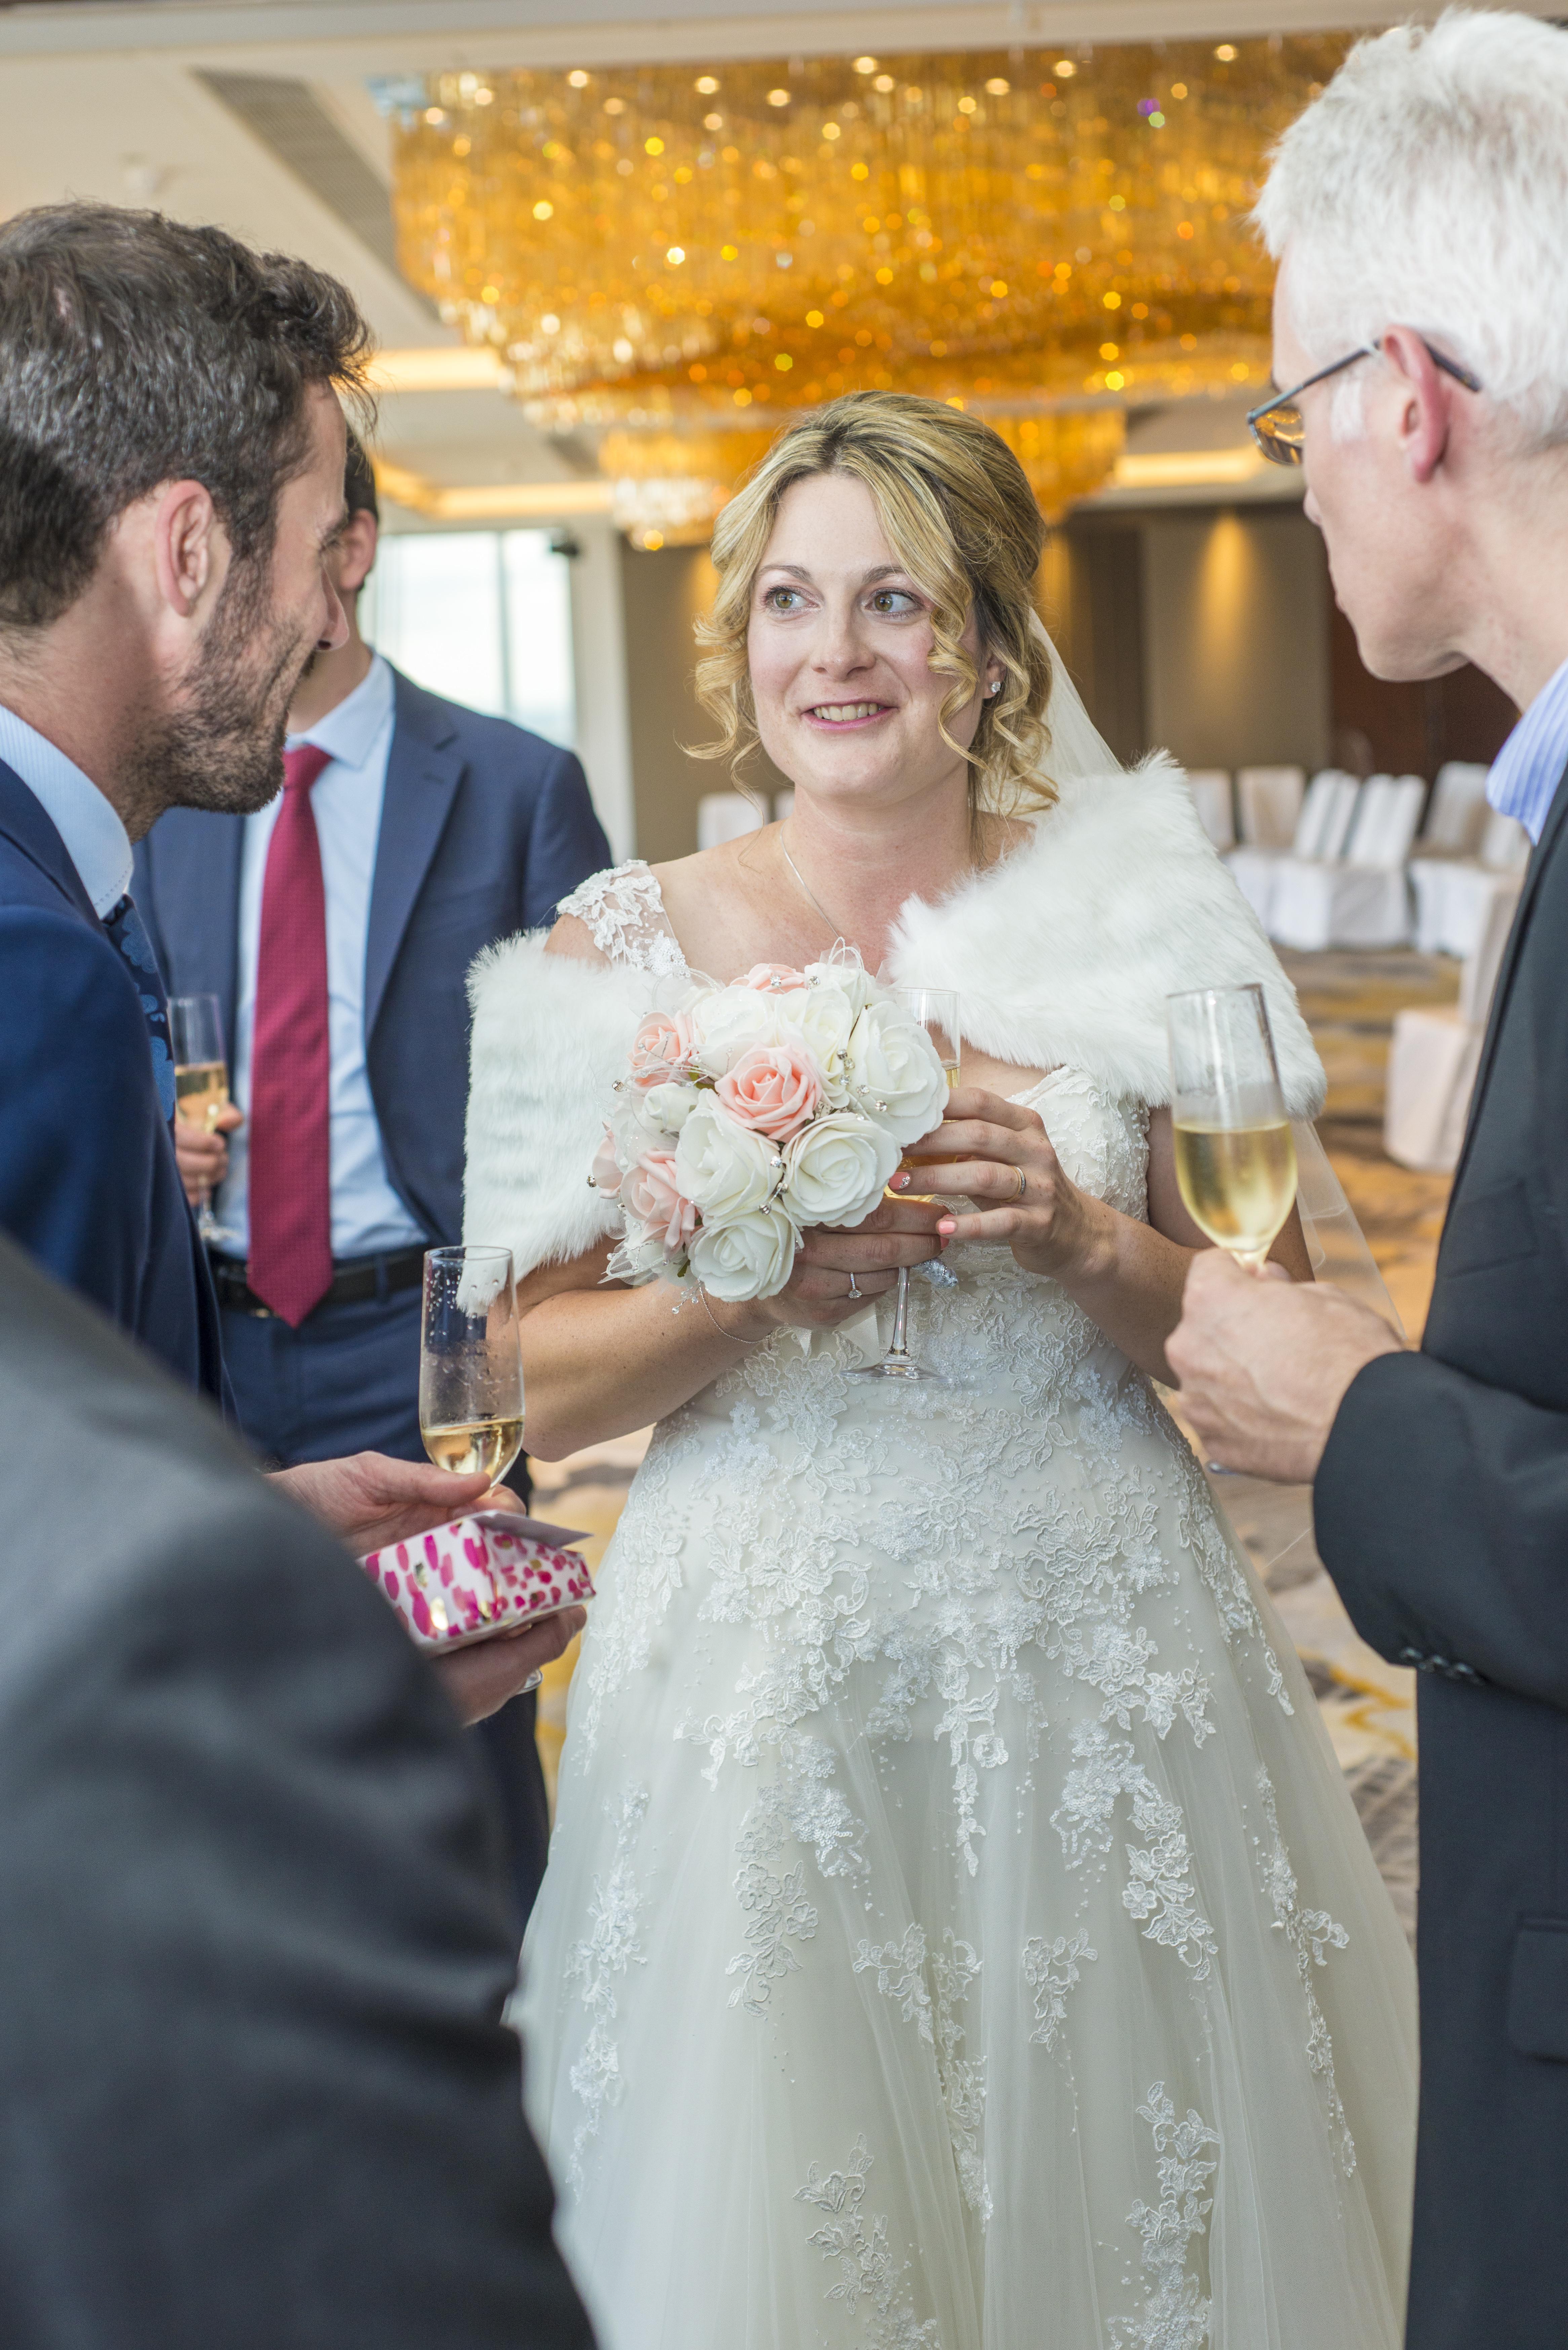 Chiara and Chengez's Wedding (126 of 240